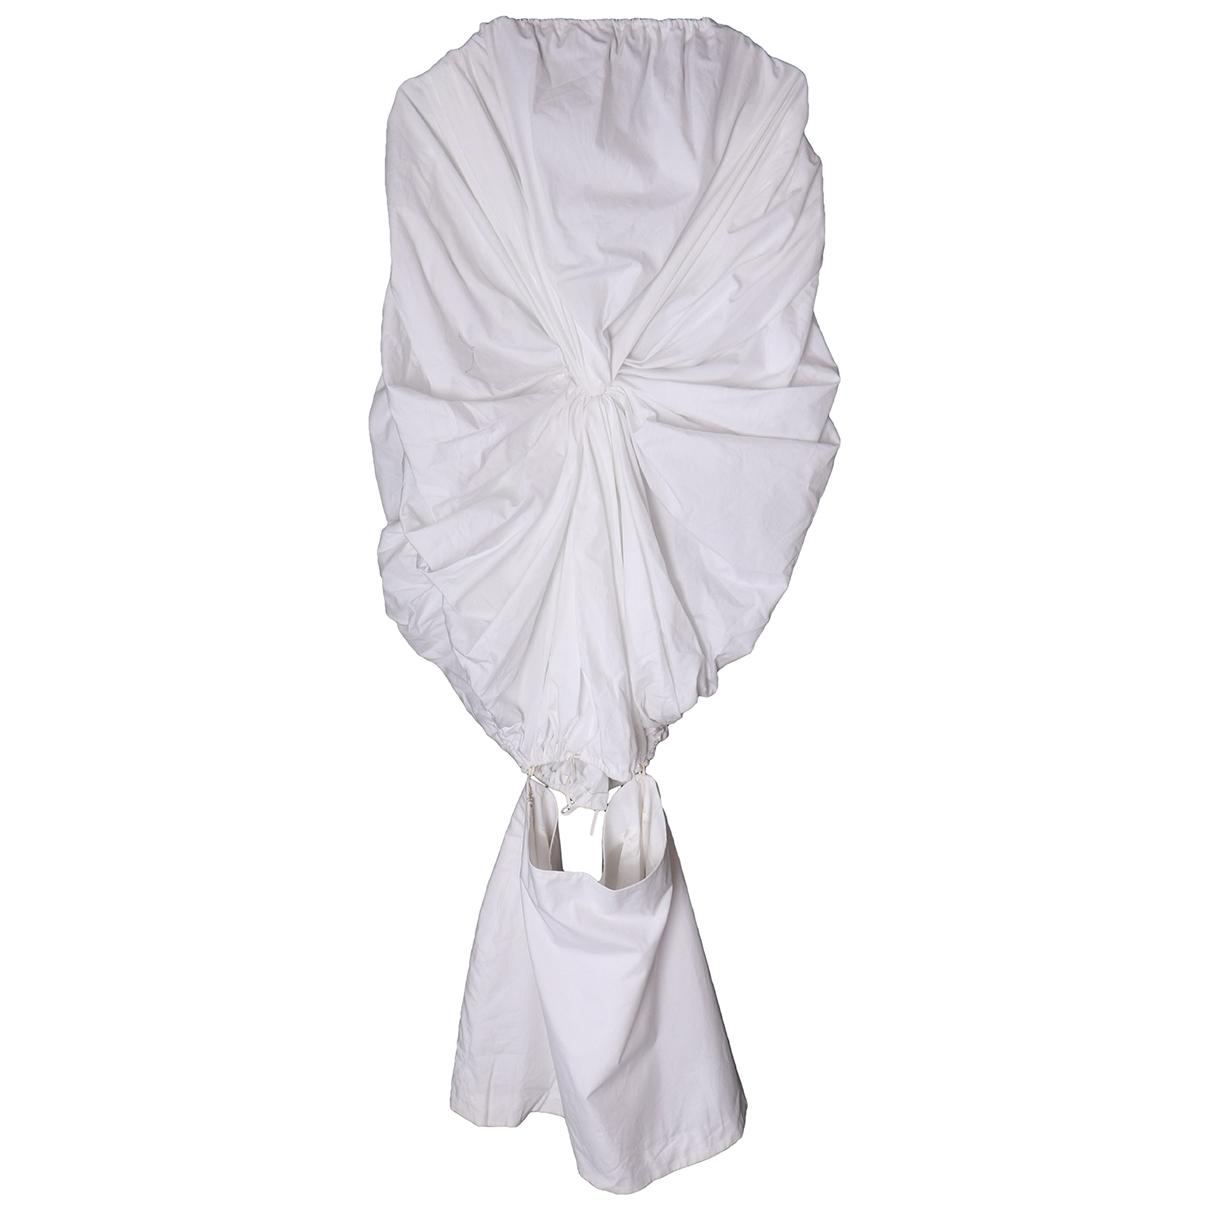 Aalto \N White dress for Women 38 FR